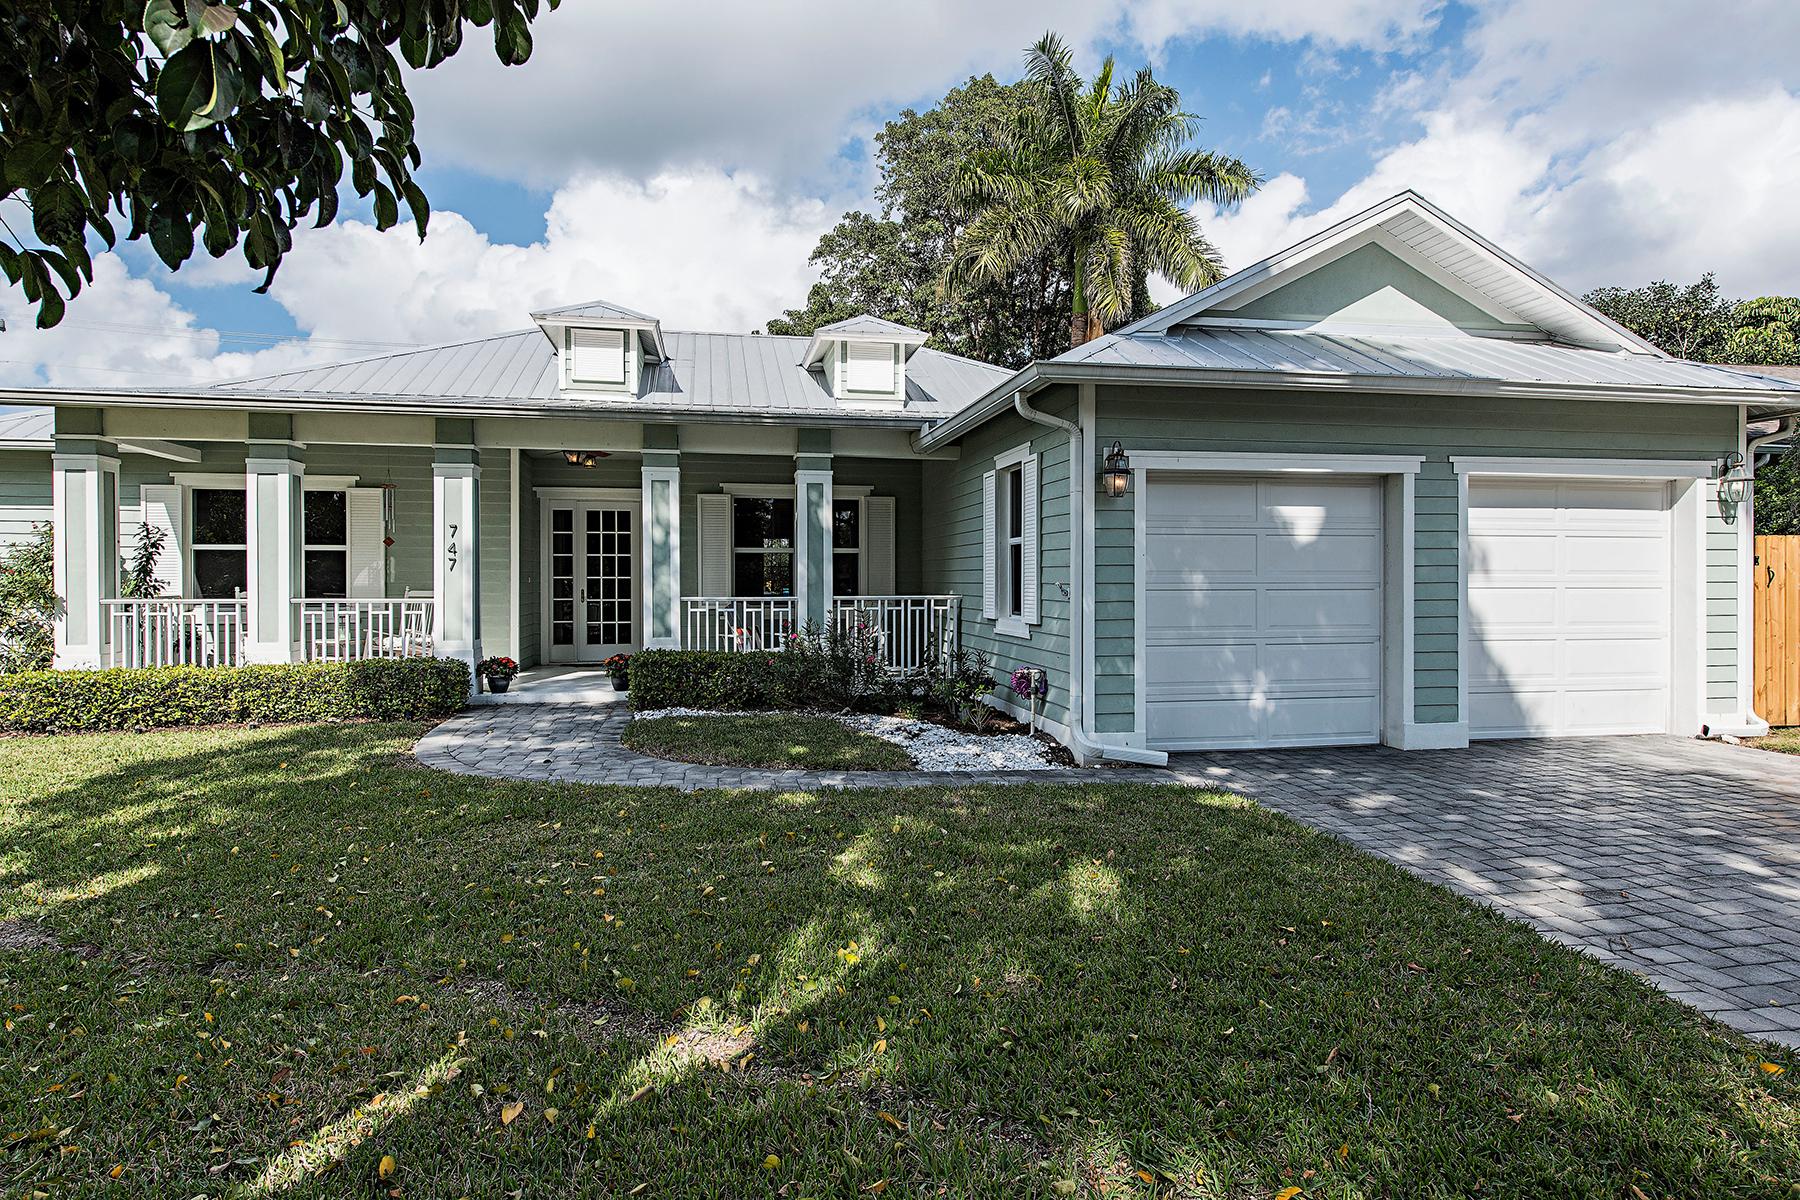 Частный односемейный дом для того Продажа на PARK SHORE - MYRTLE TERRACE 747 Myrtle Terr Naples, Флорида, 34103 Соединенные Штаты